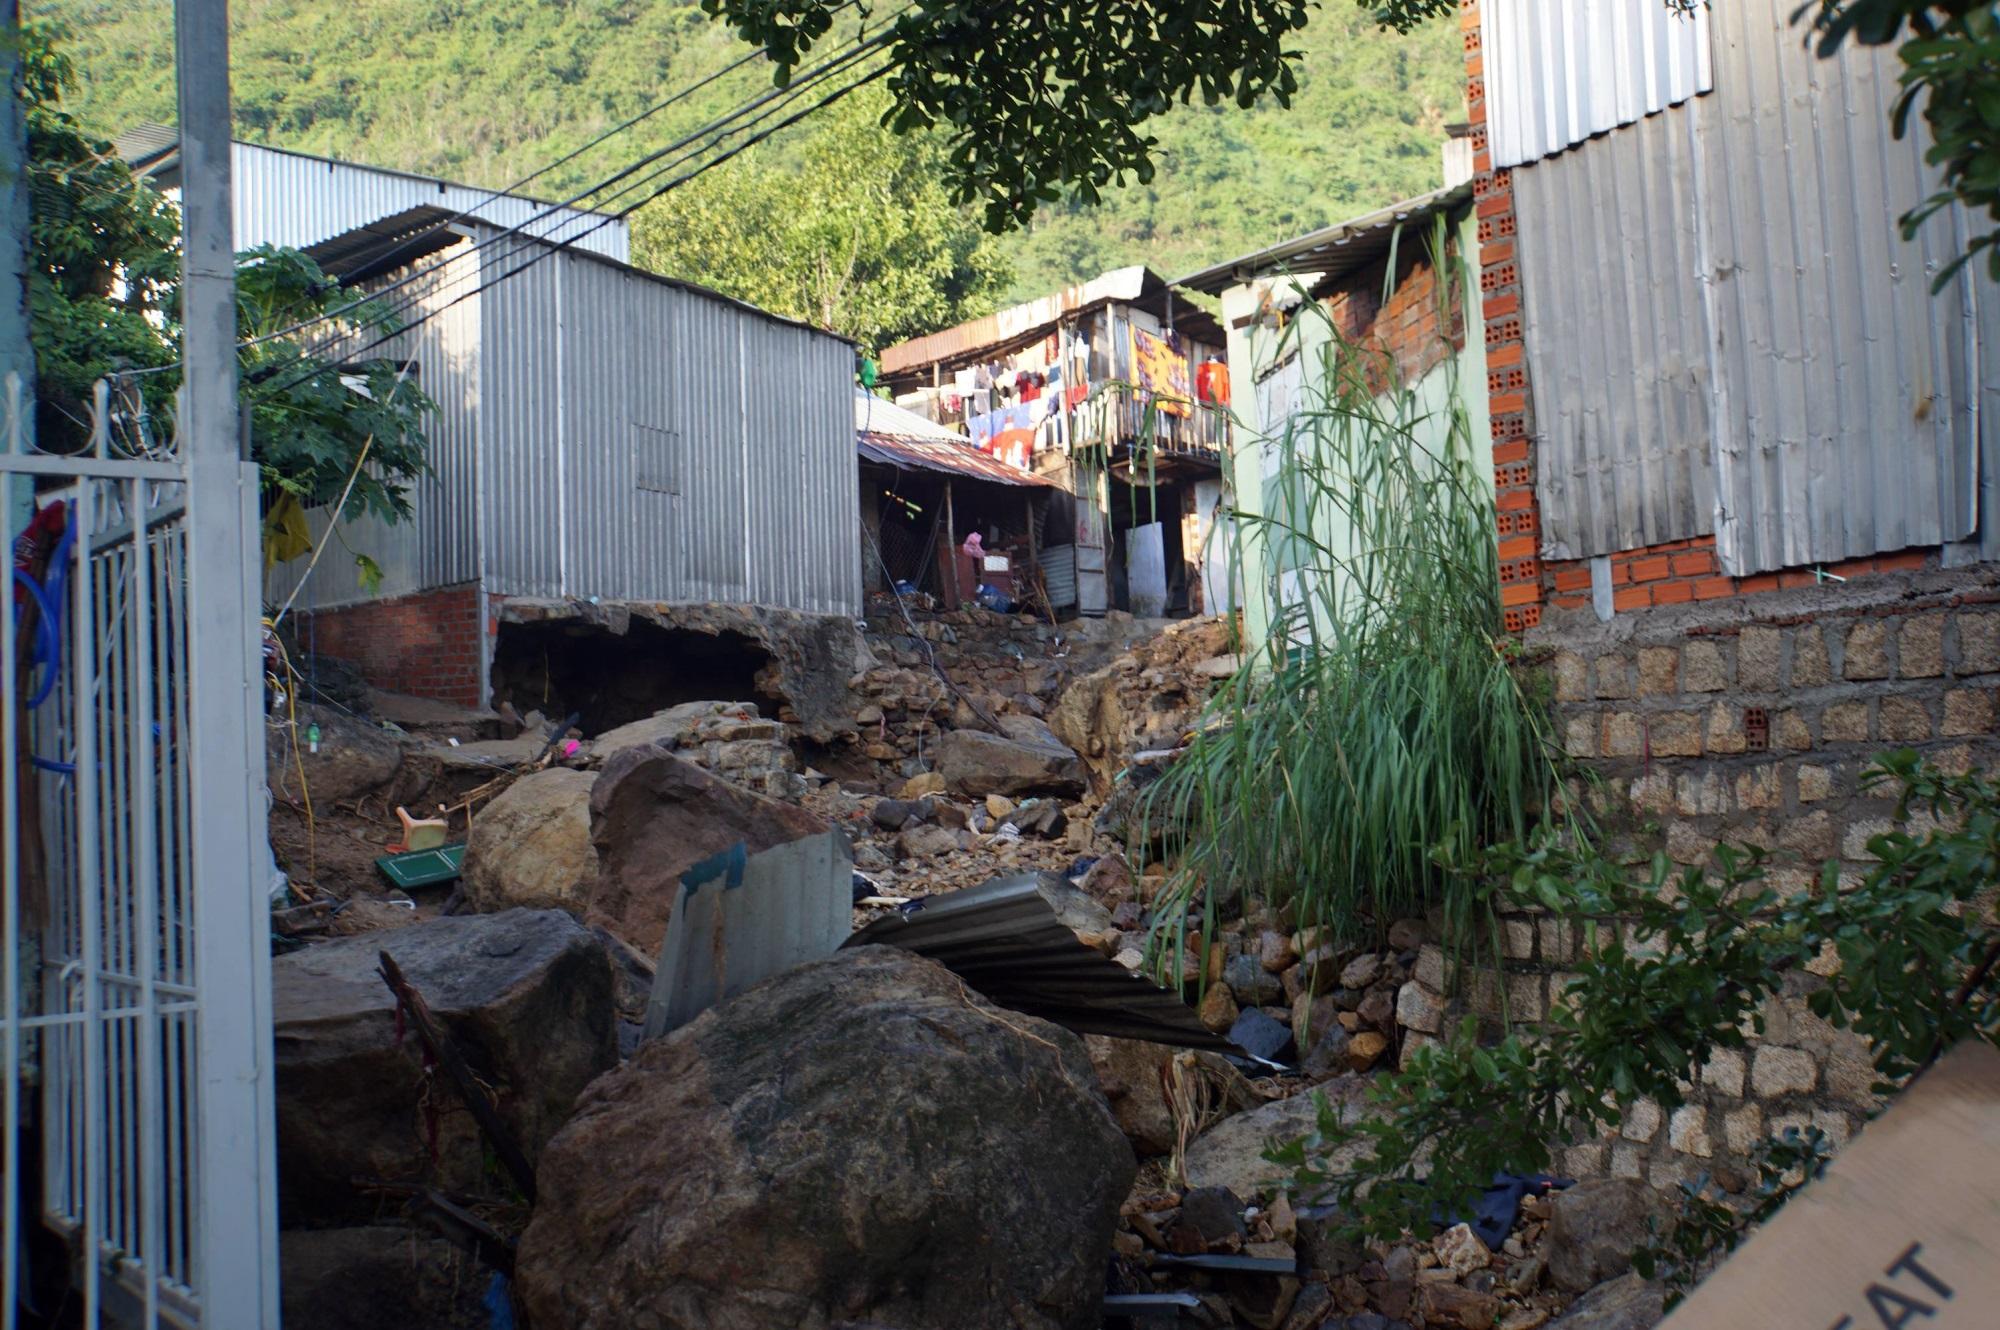 Thôn nghèo tan hoang, 5 người chết và mất tích sau cơn thịnh nộ của thiên nhiên - Ảnh 7